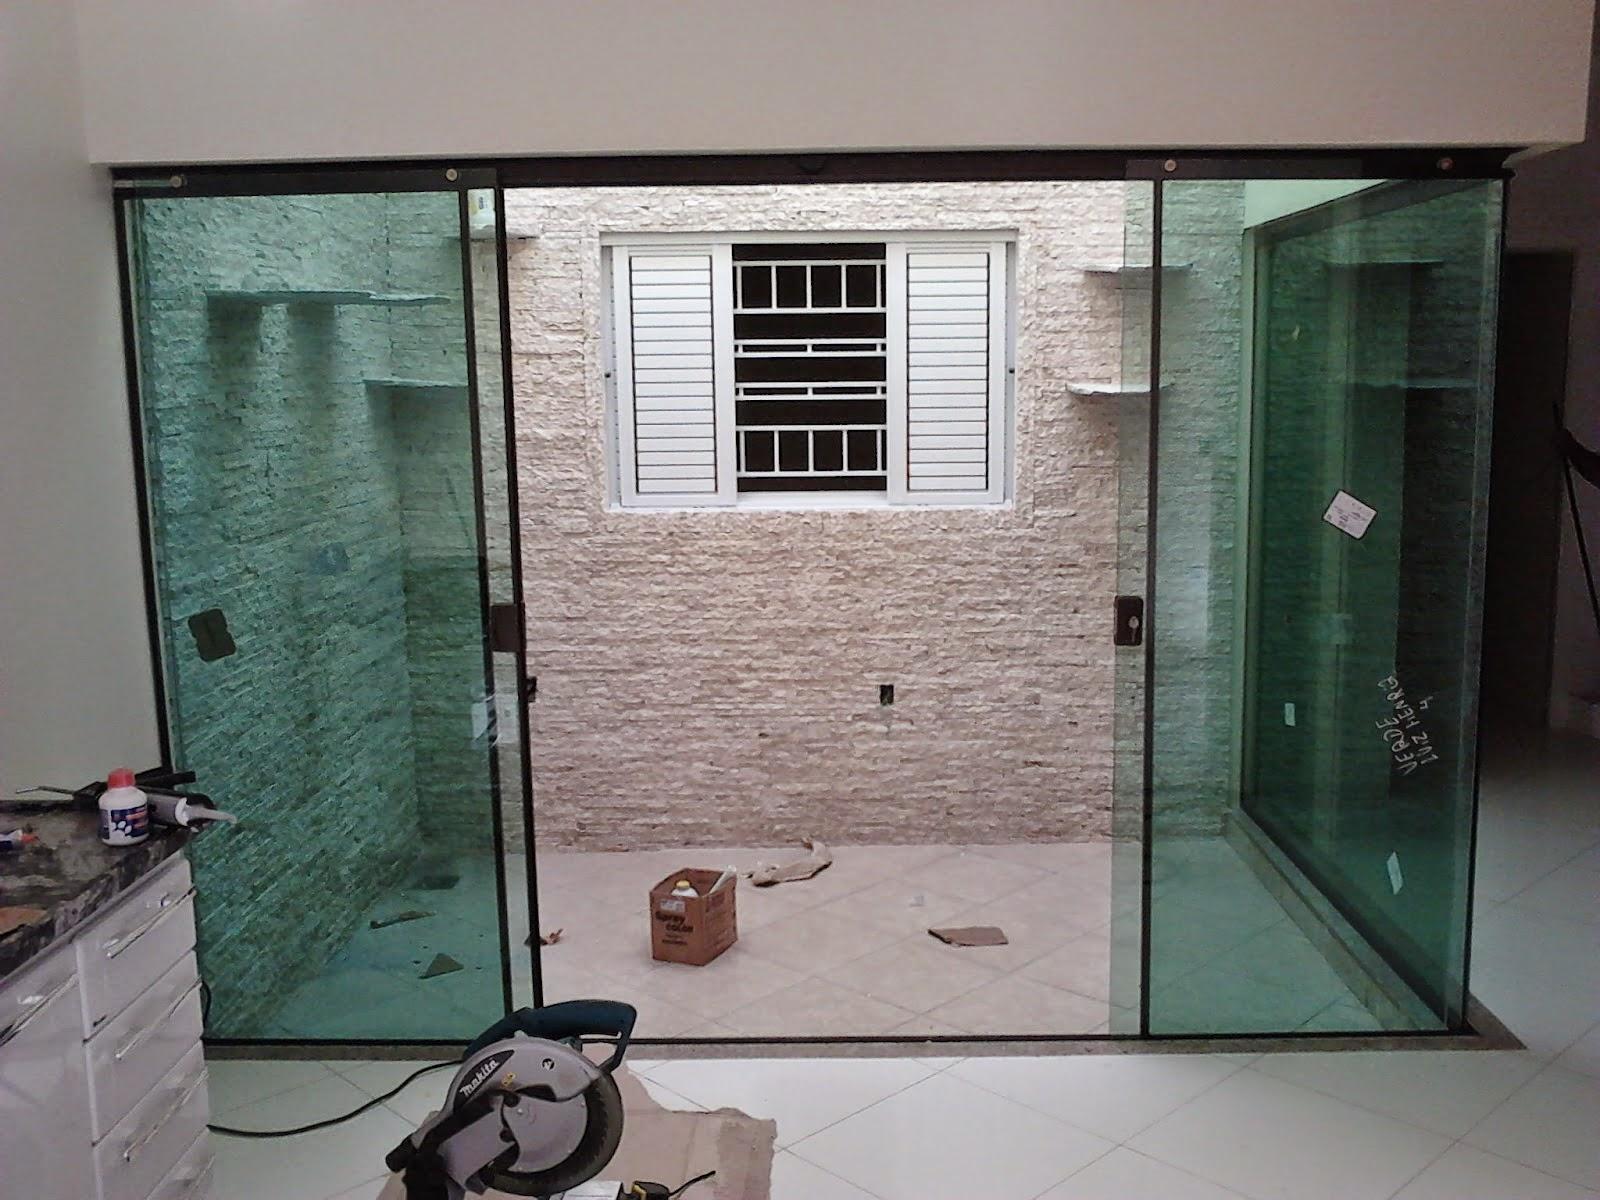 #614741 AF4 TEMPER VIDROS: jardim de inverno em vidro verde 224 Janelas De Vidro Para Jardim De Inverno